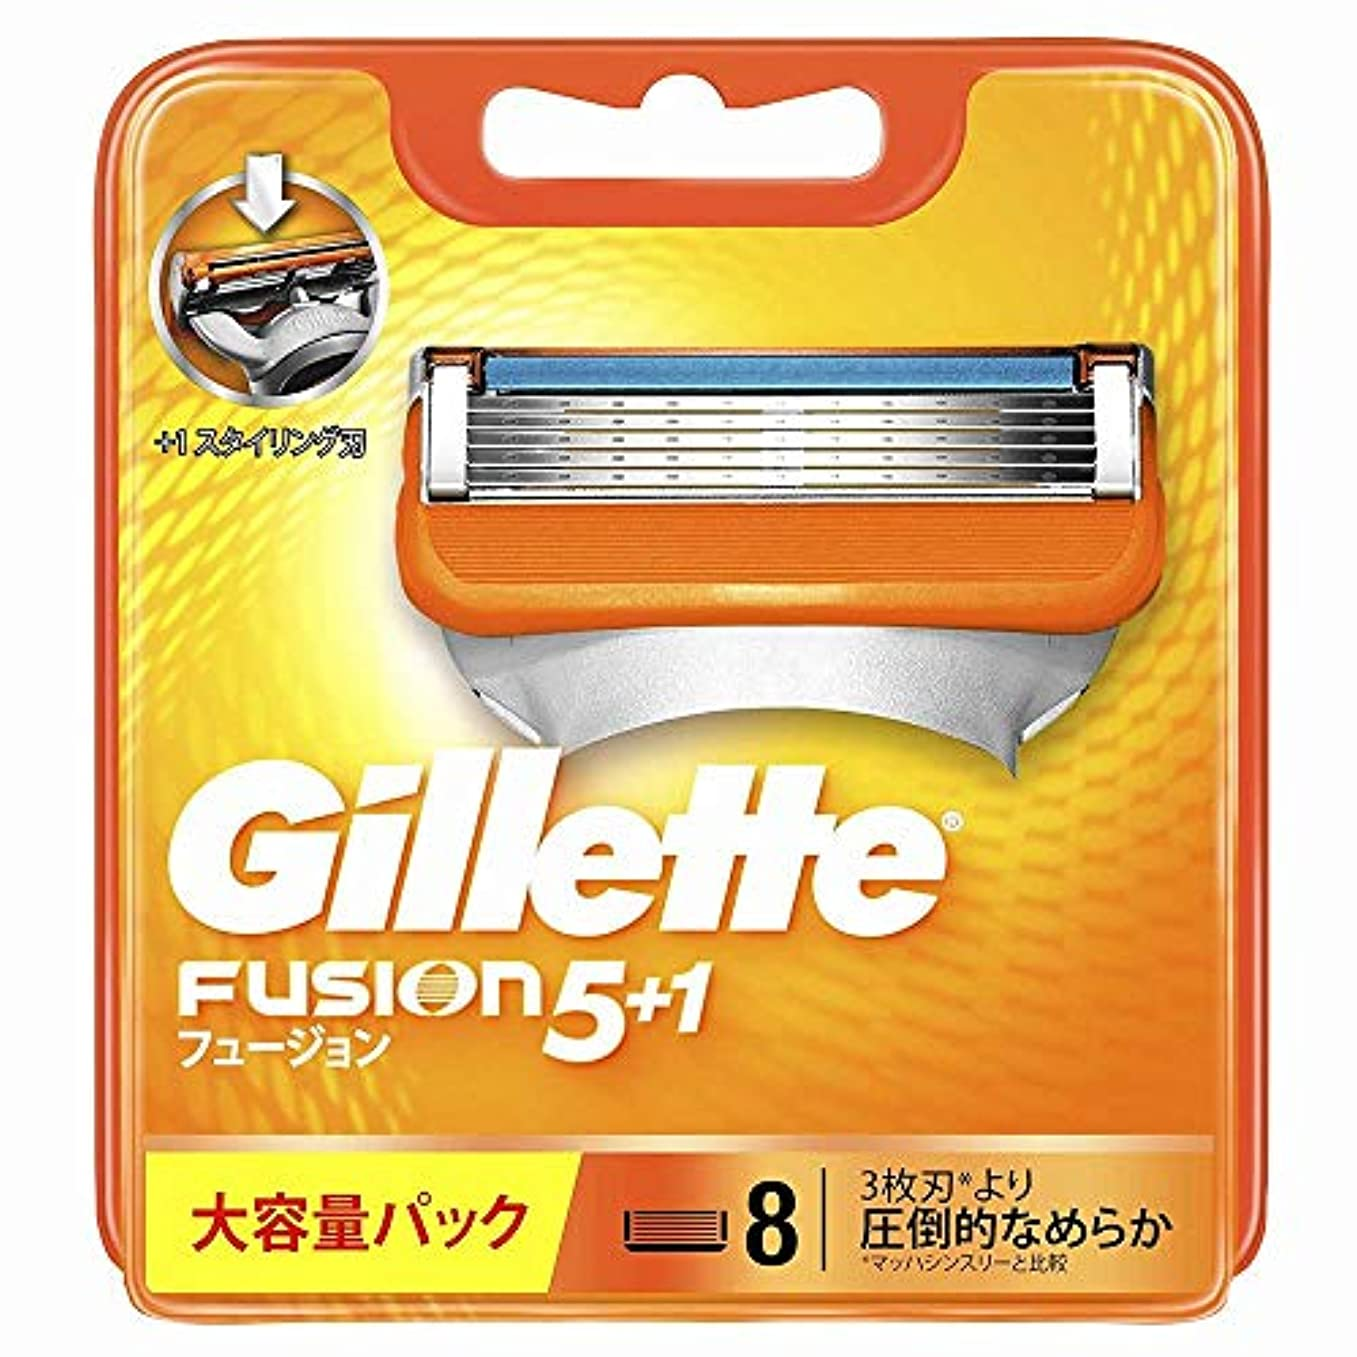 してはいけないエール霜ジレット 髭剃り フュージョン5+1 替刃8個入